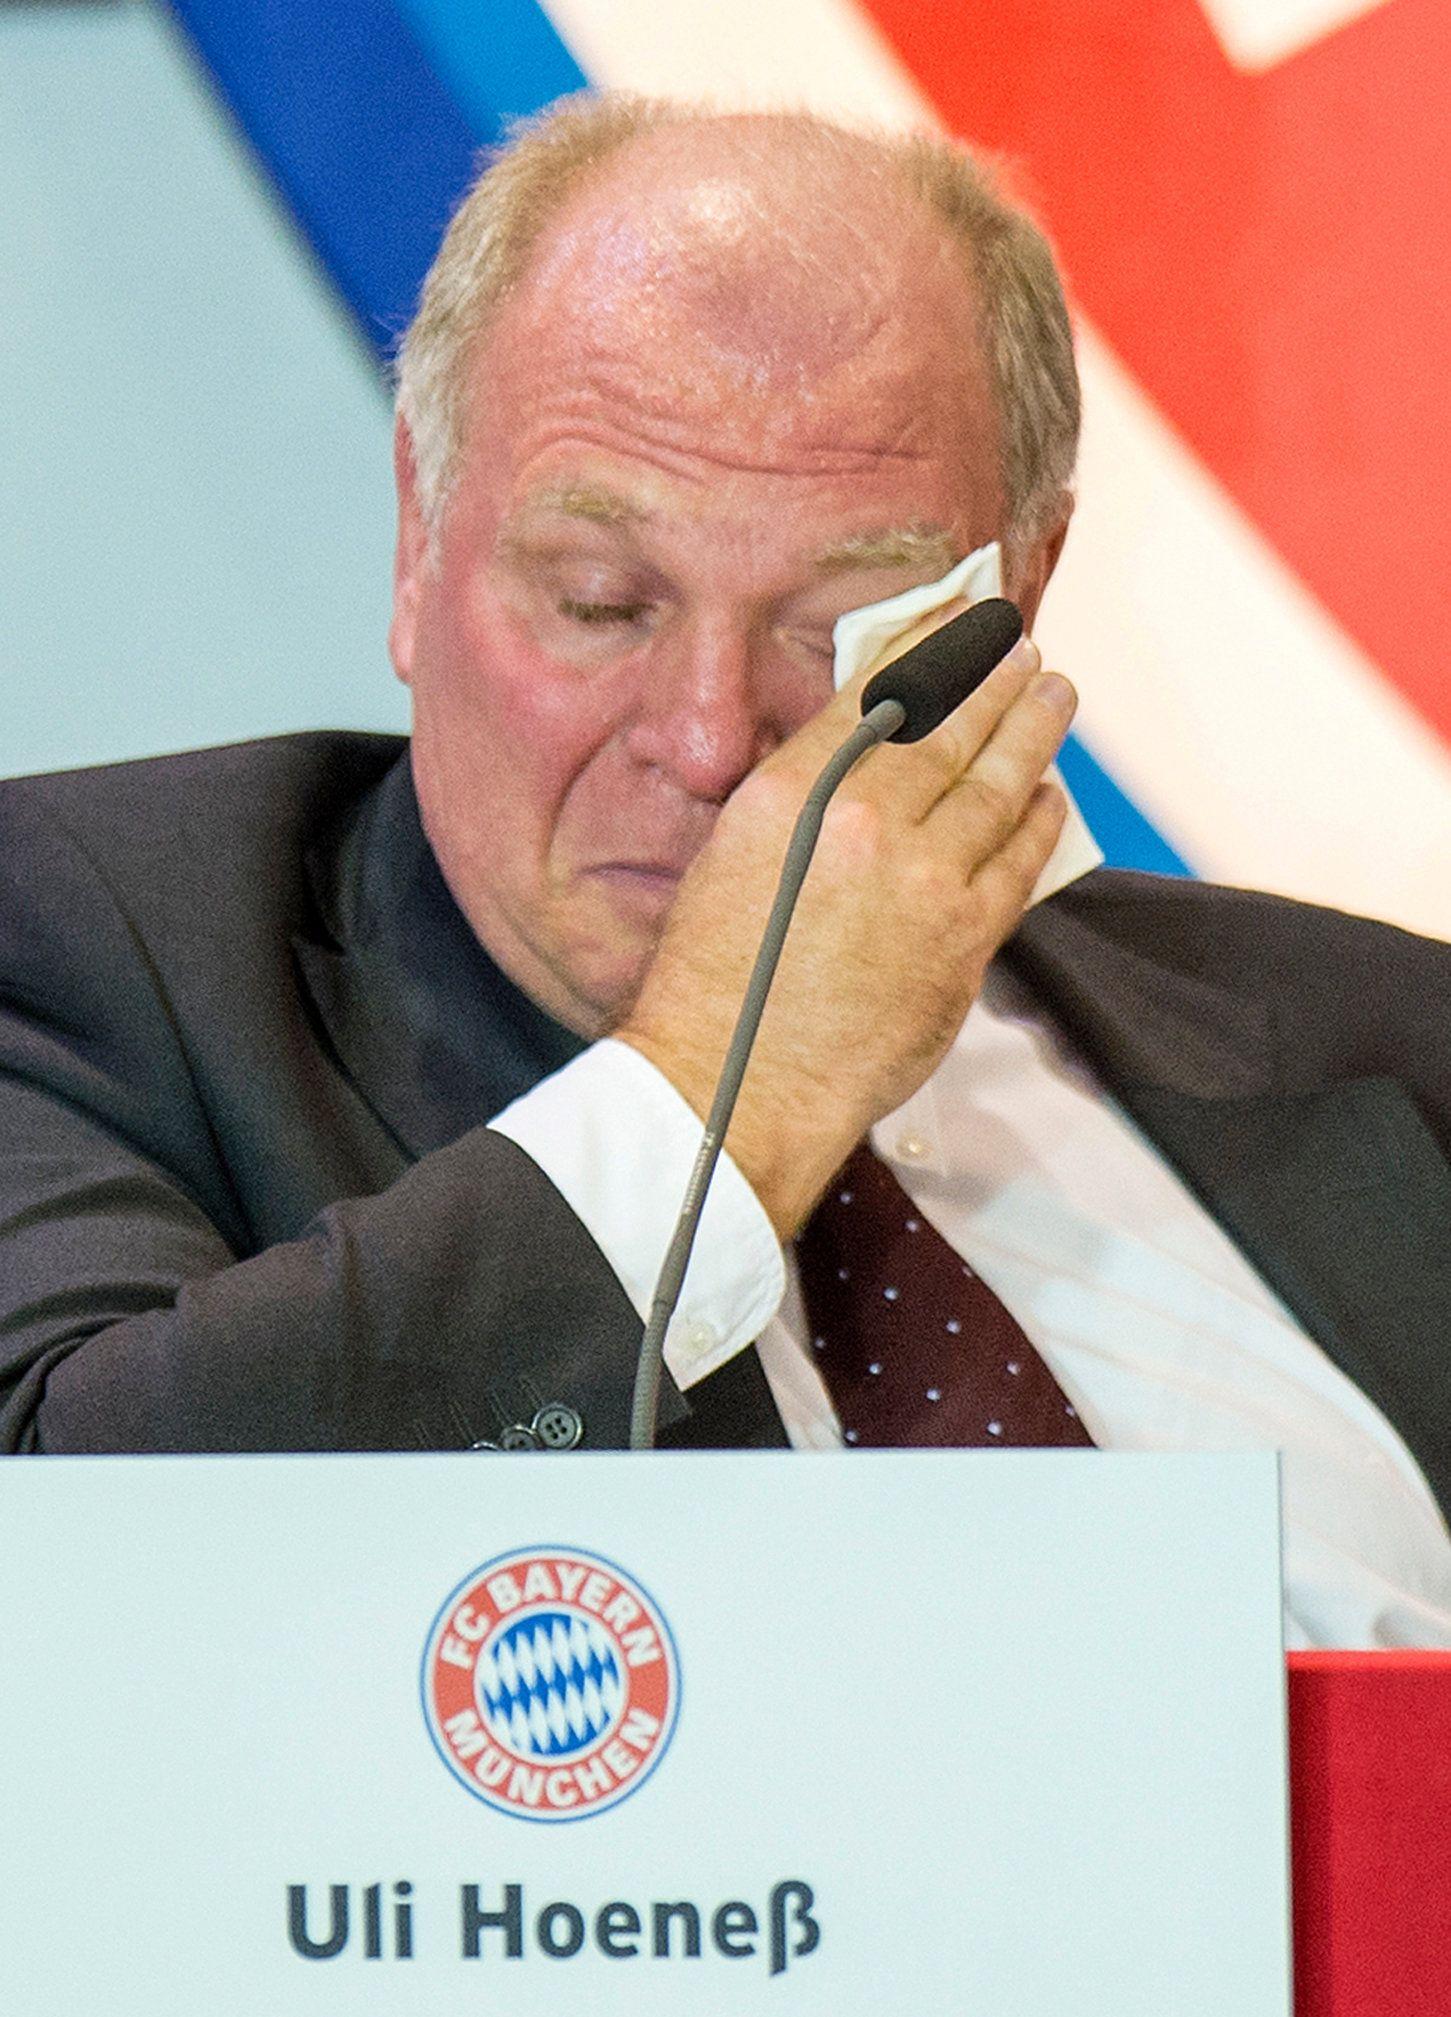 Uli Hoeneß Weint